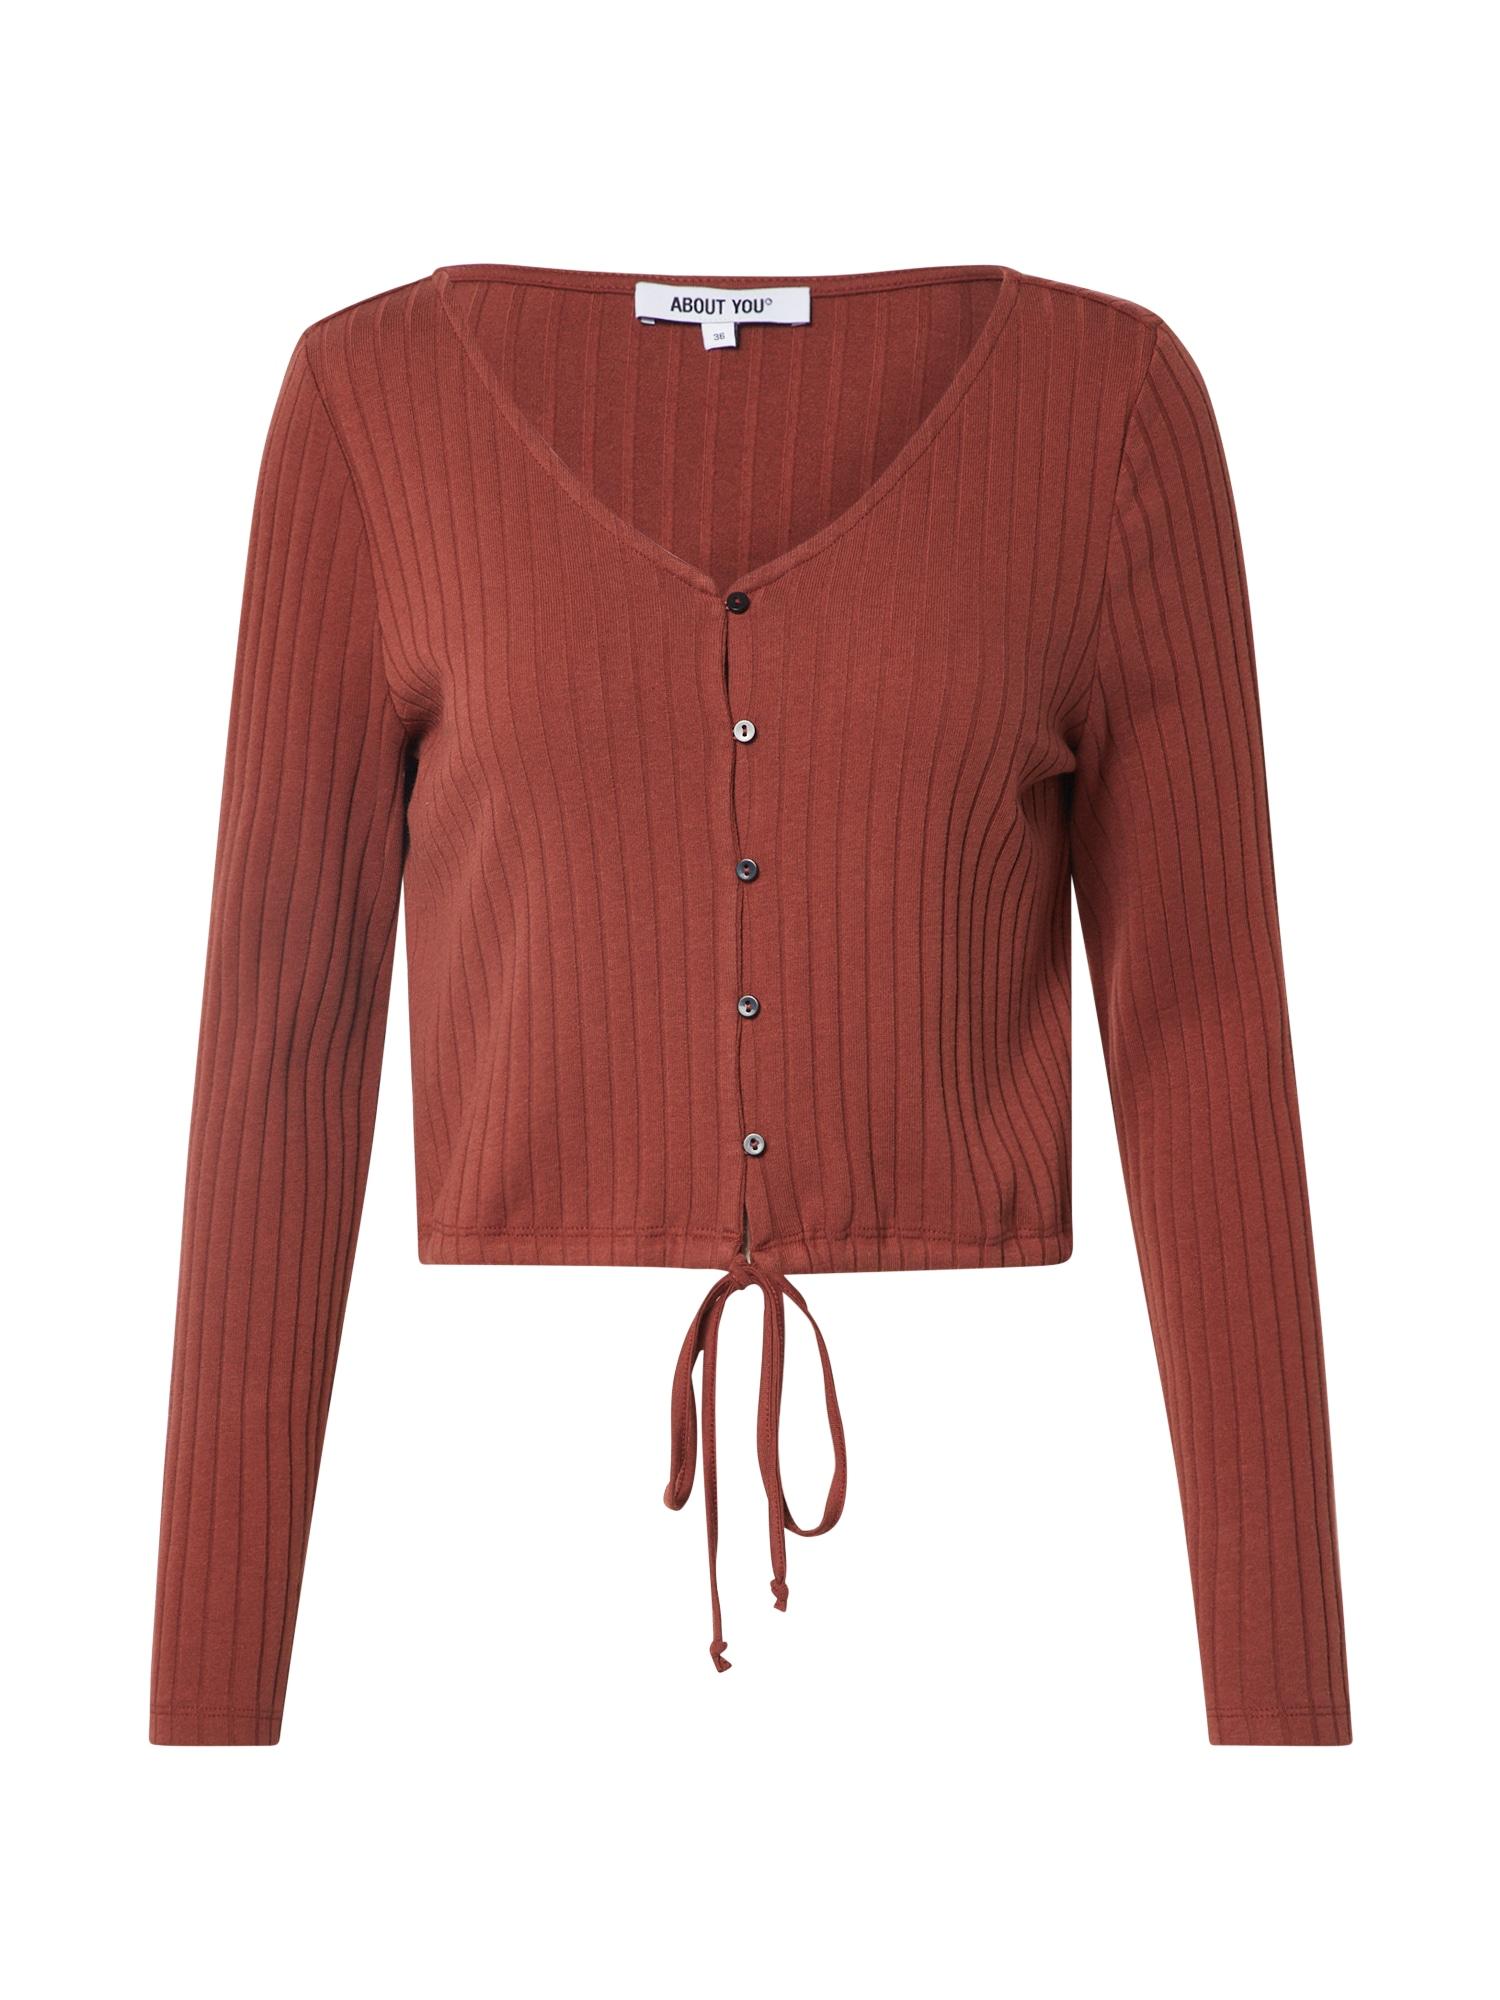 ABOUT YOU Marškinėliai 'Nora' ruda